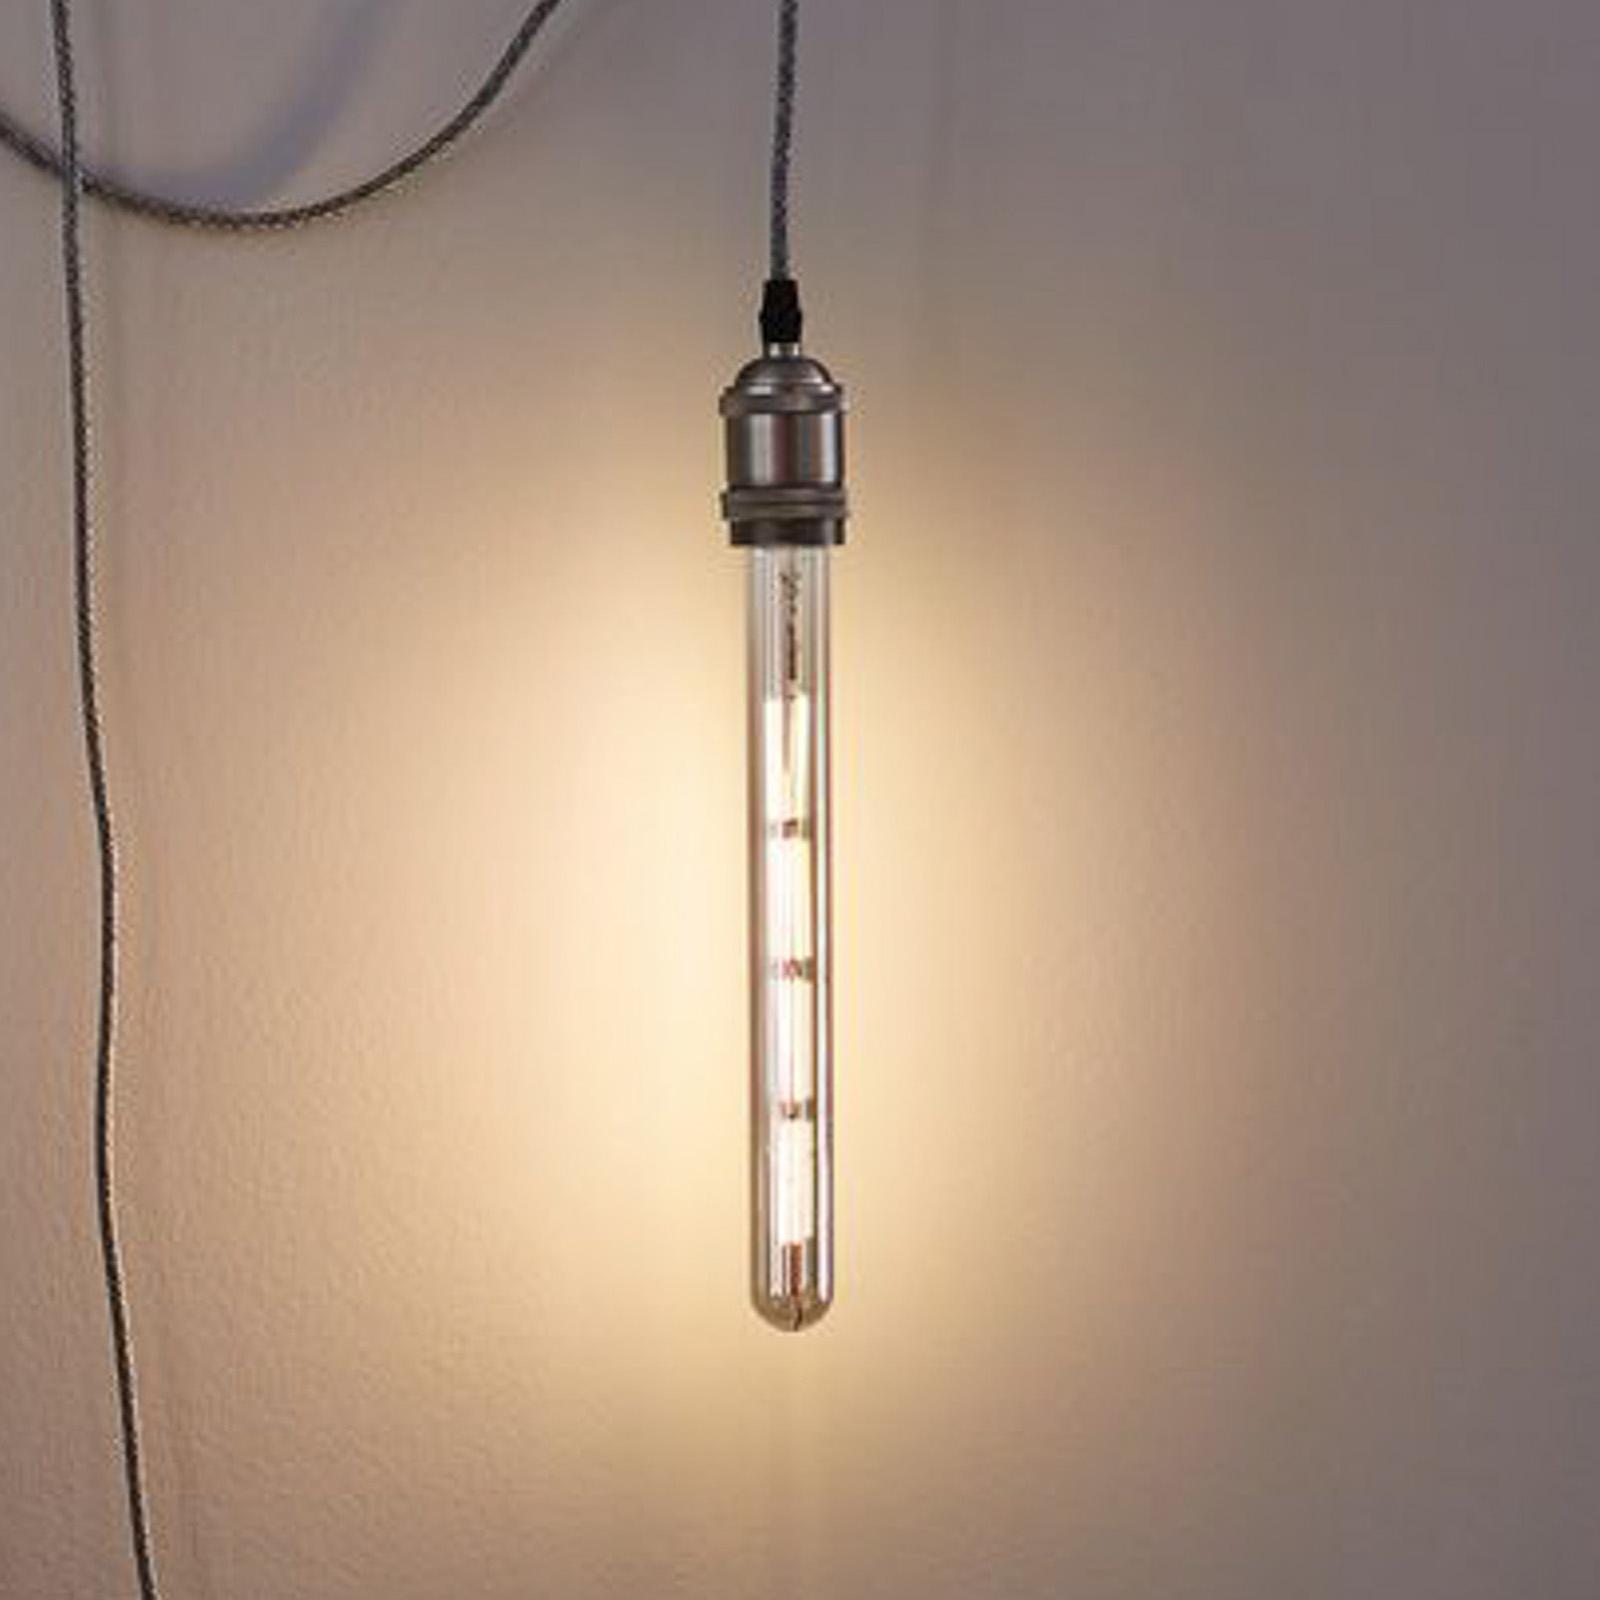 Paulmann LED-Vintage 1879 E27 8,8W 827 dim smoke